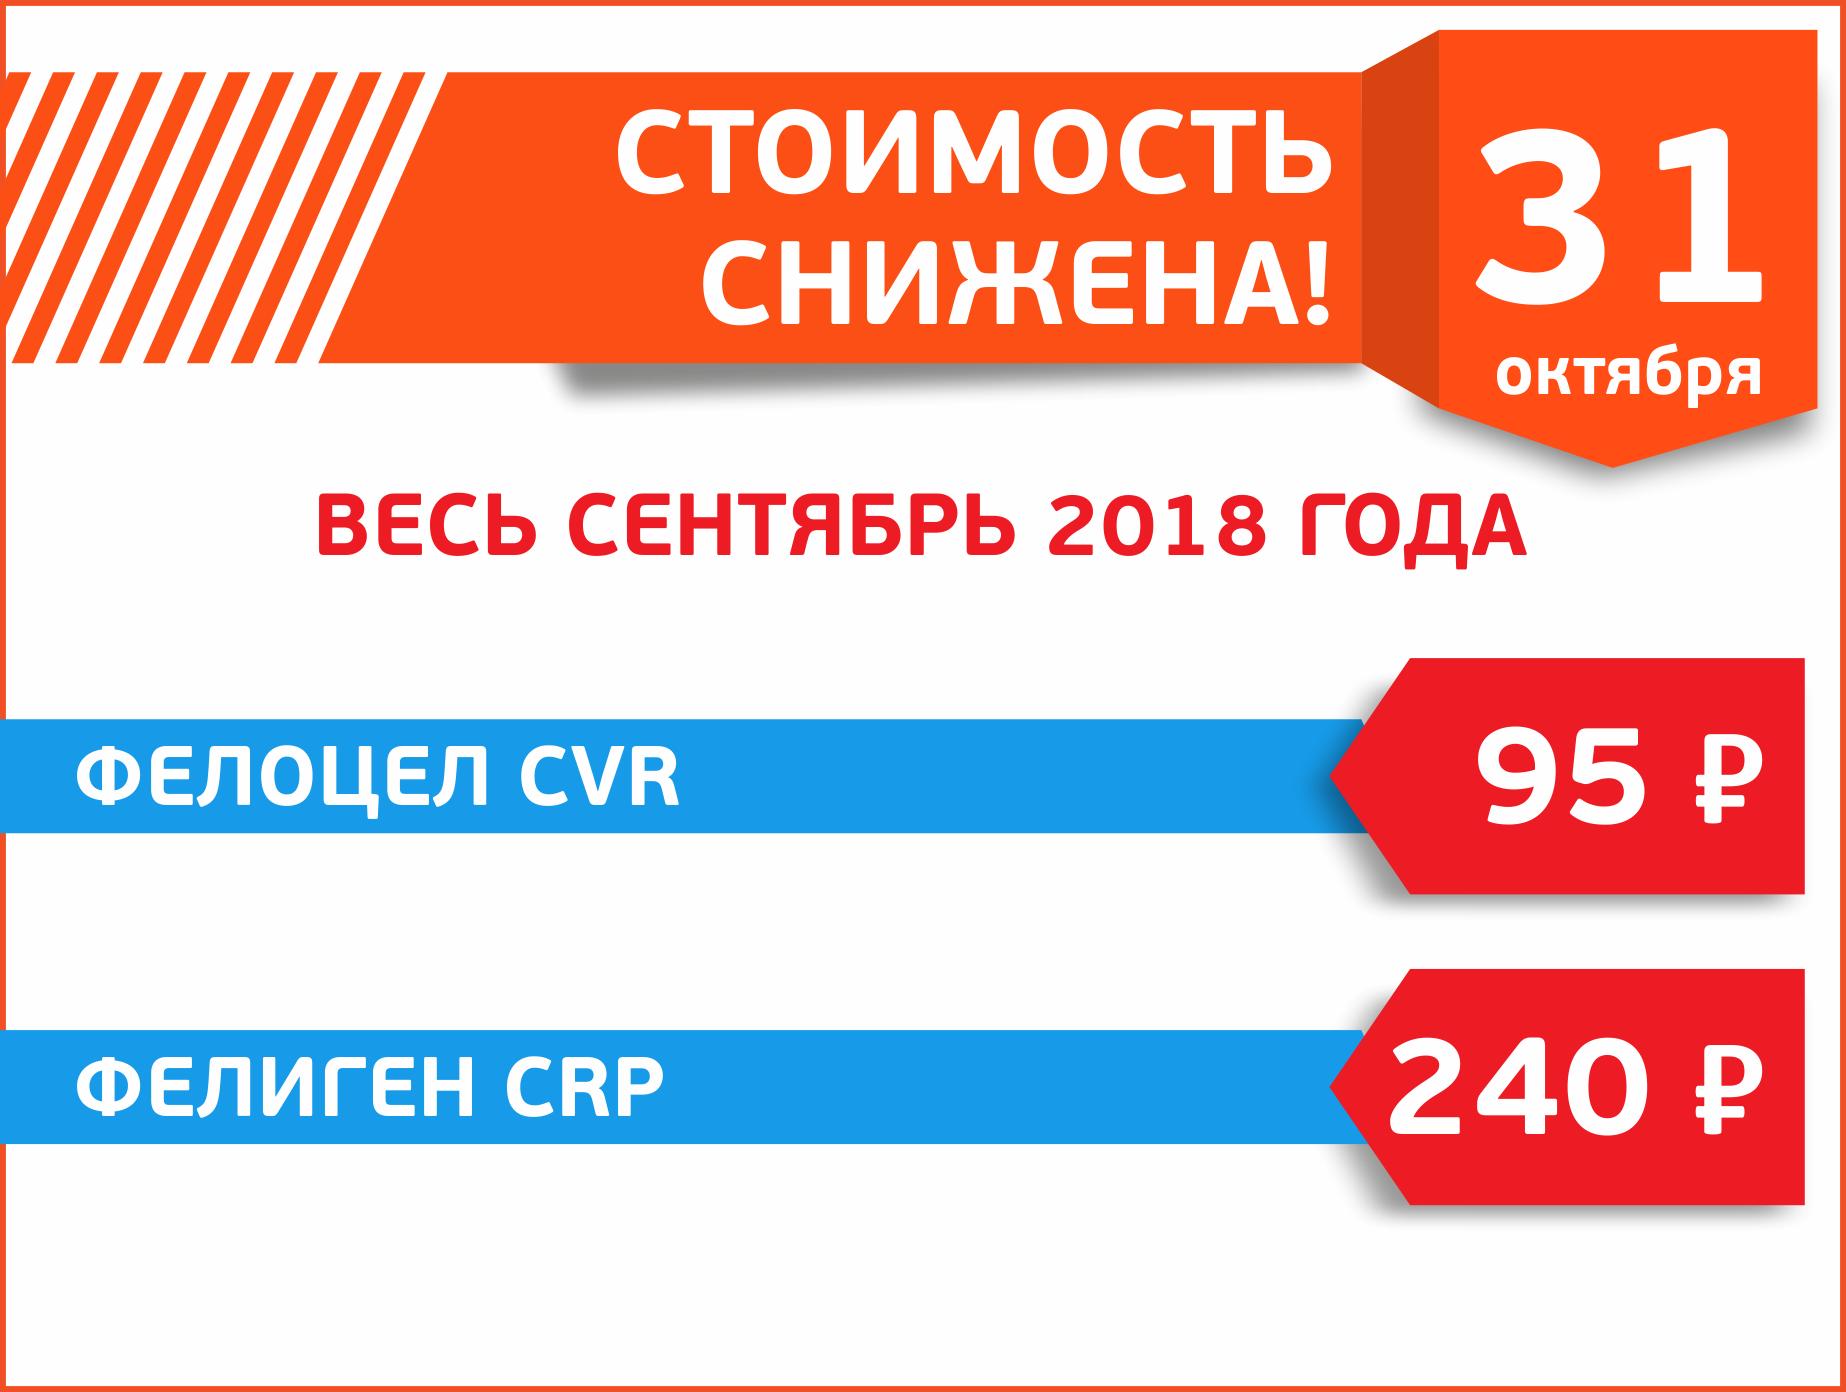 ФЕЛОЦЕЛ CVR и  ФЕЛИГЕН CRP